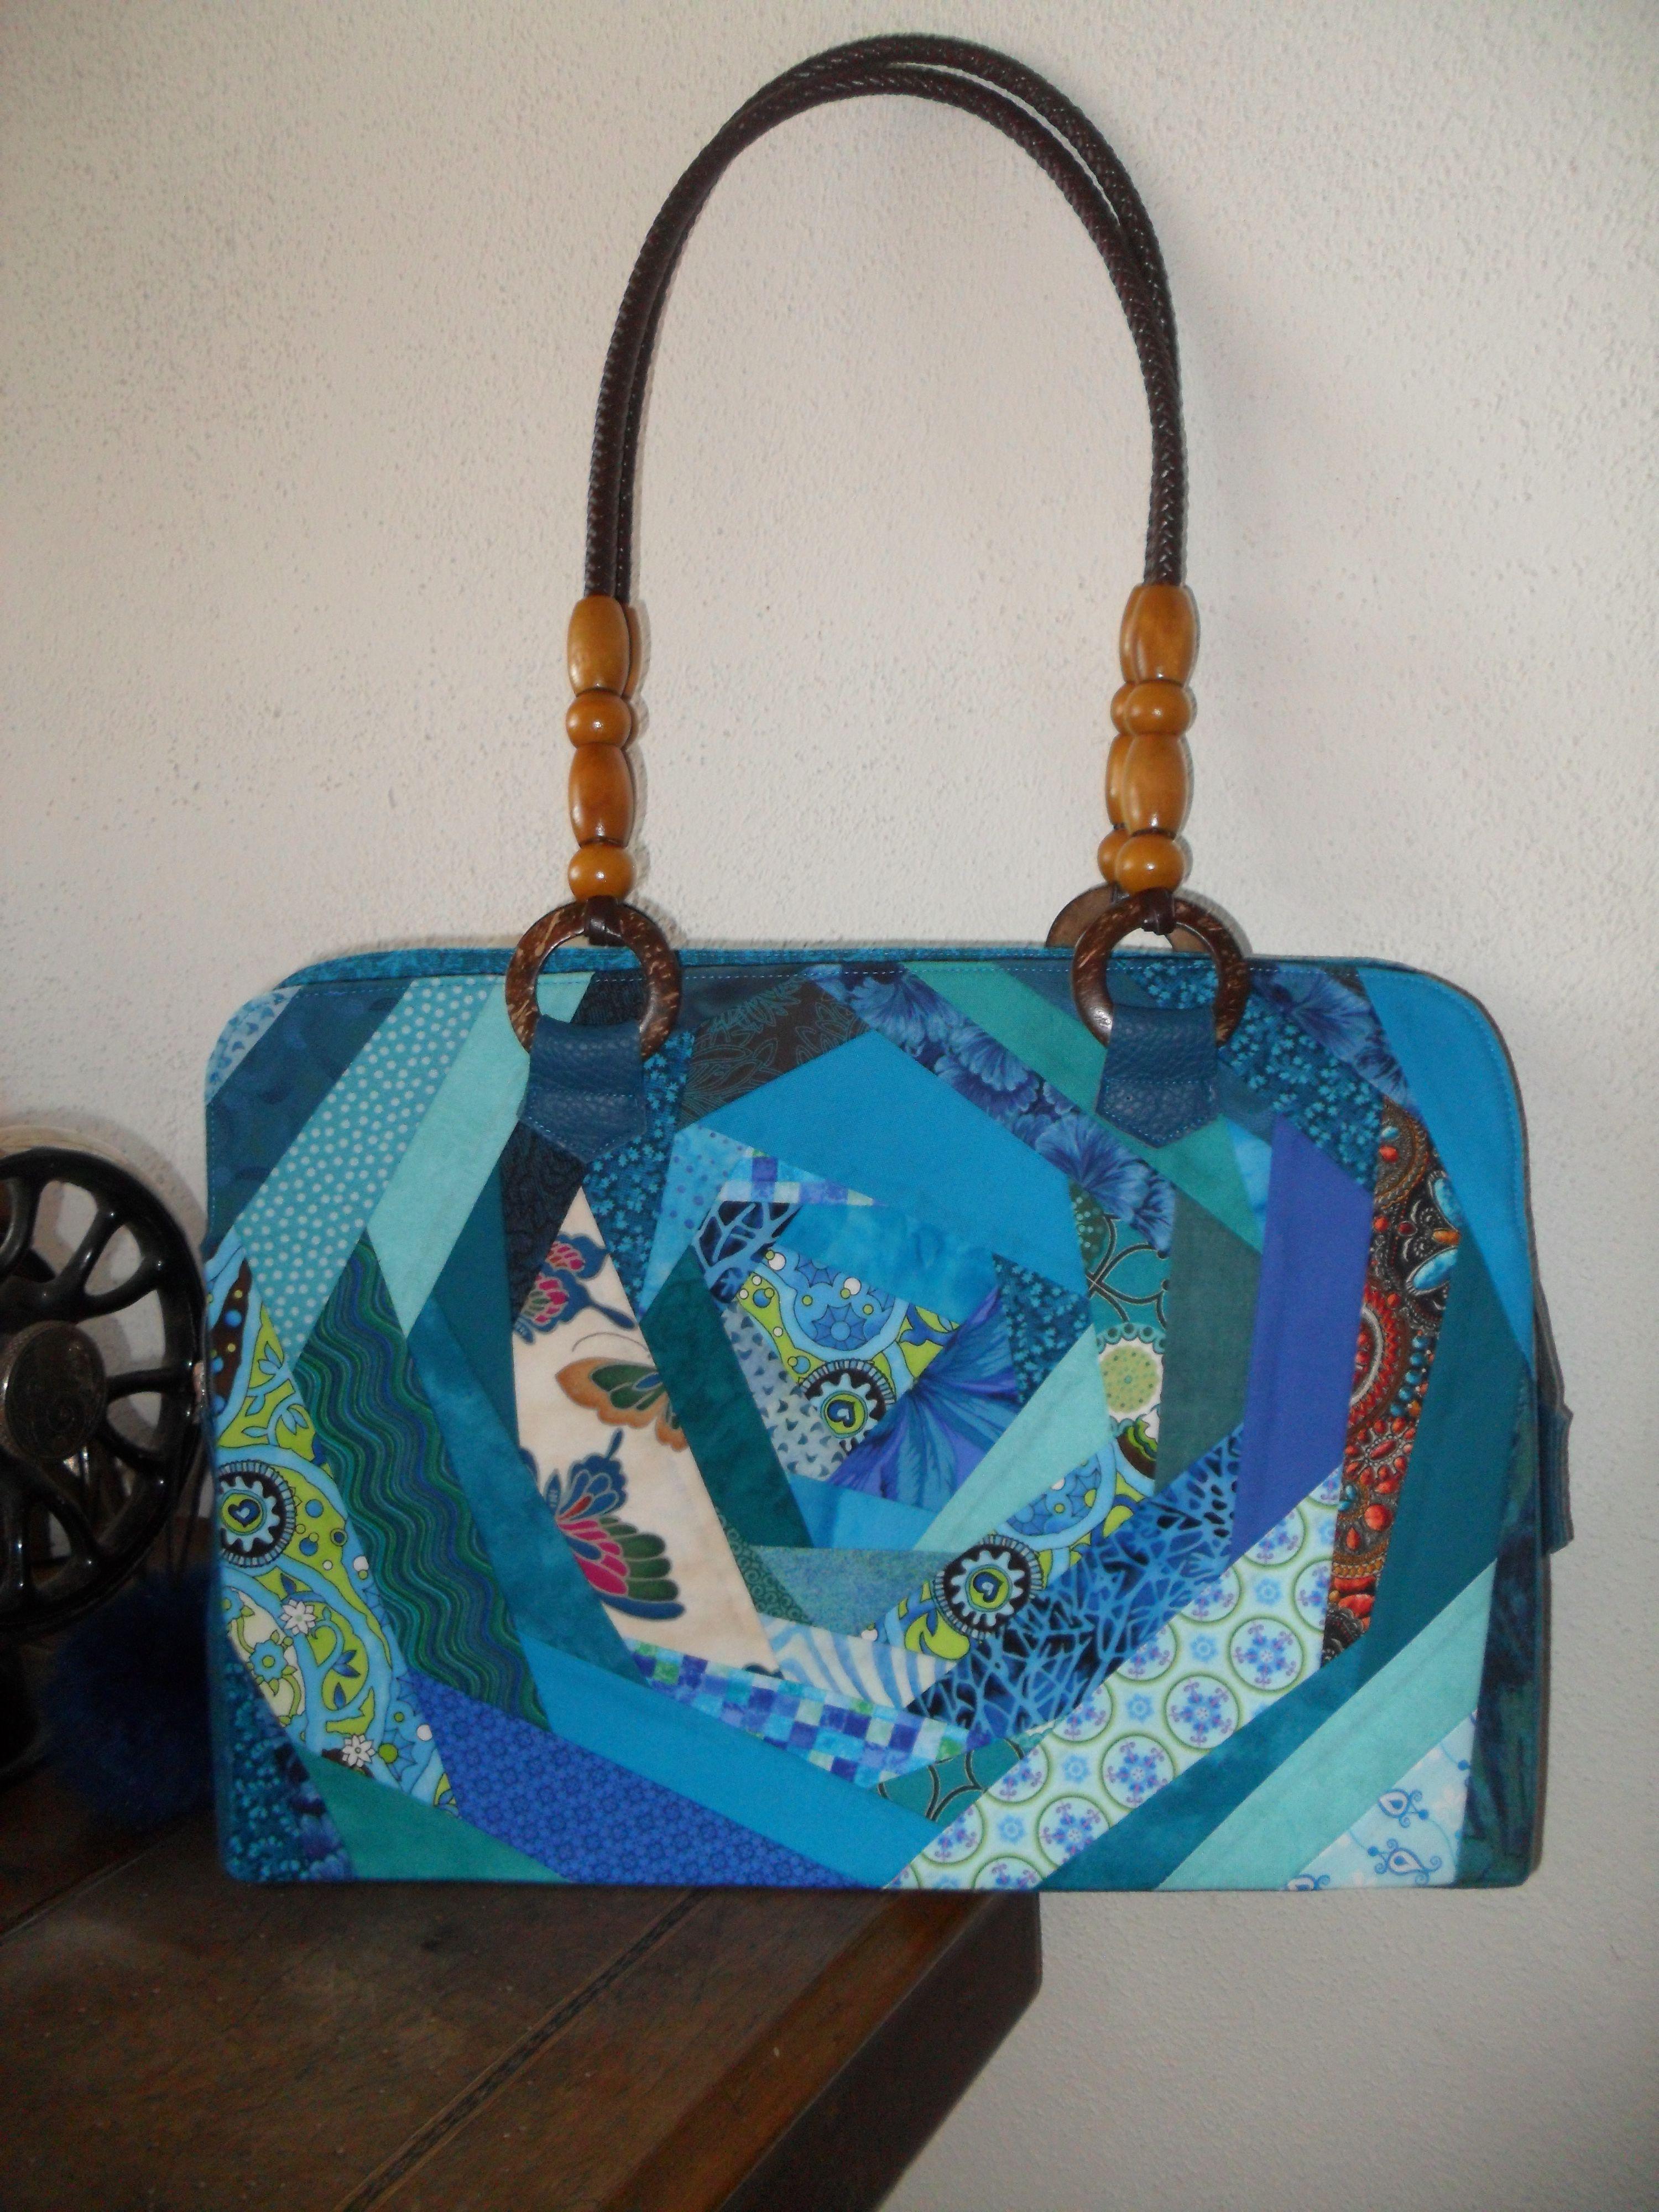 Crazy Patchwork Tasche. Von mir selbst genäht. Diese kann erworben werden. Verkauft!